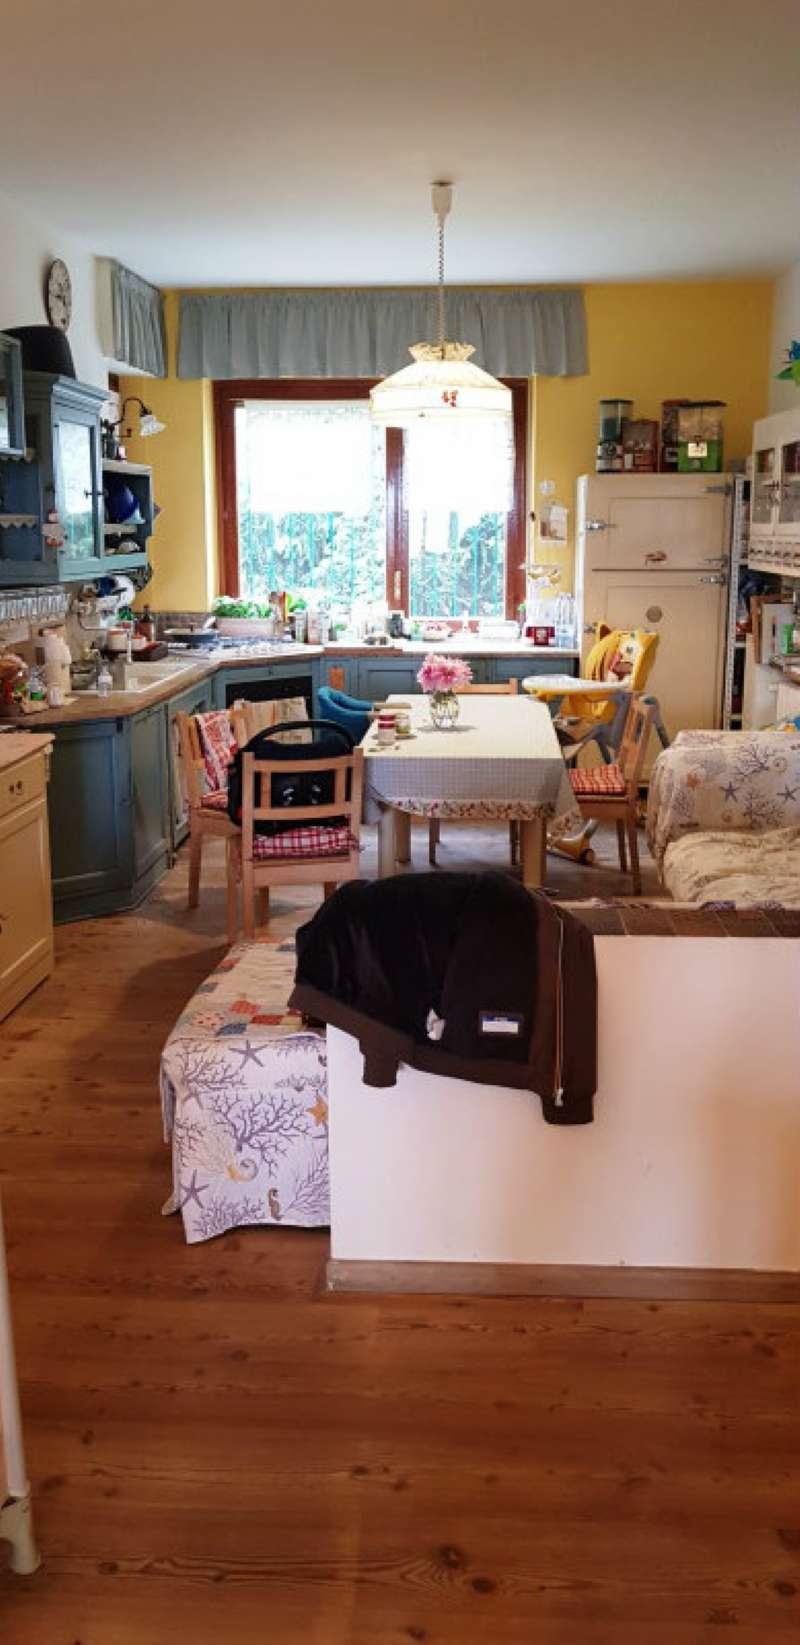 Foto 27 di Appartamento via SERVAIS 200 A 39, Torino (zona Parella, Pozzo Strada)